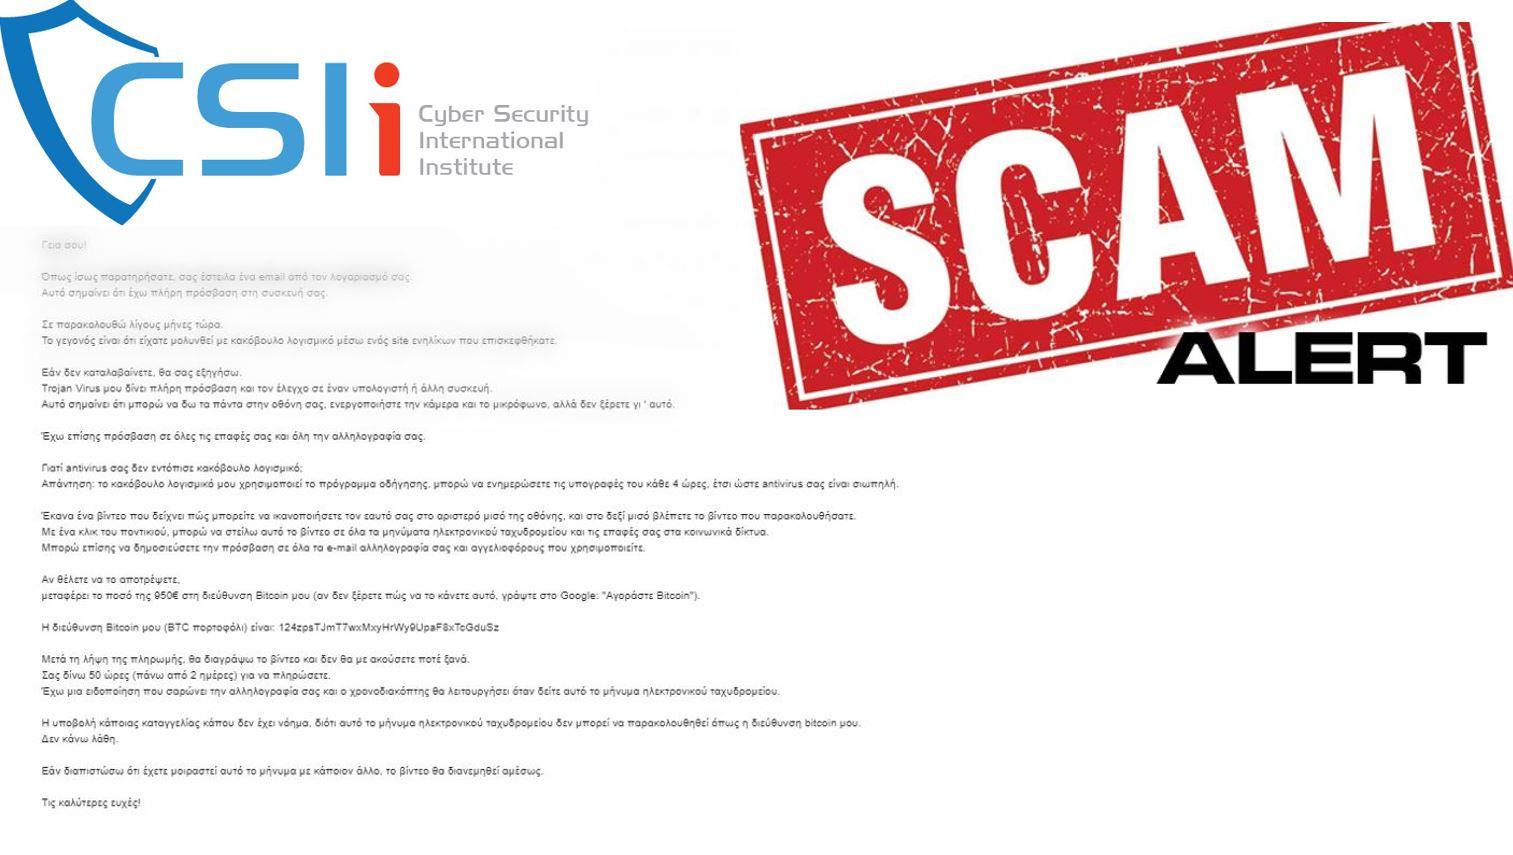 Προσοχή! Ηλεκτρονική επίθεση σε οικιακούς χρήστες με διασπορά εκβιαστικού-κακόβουλου email